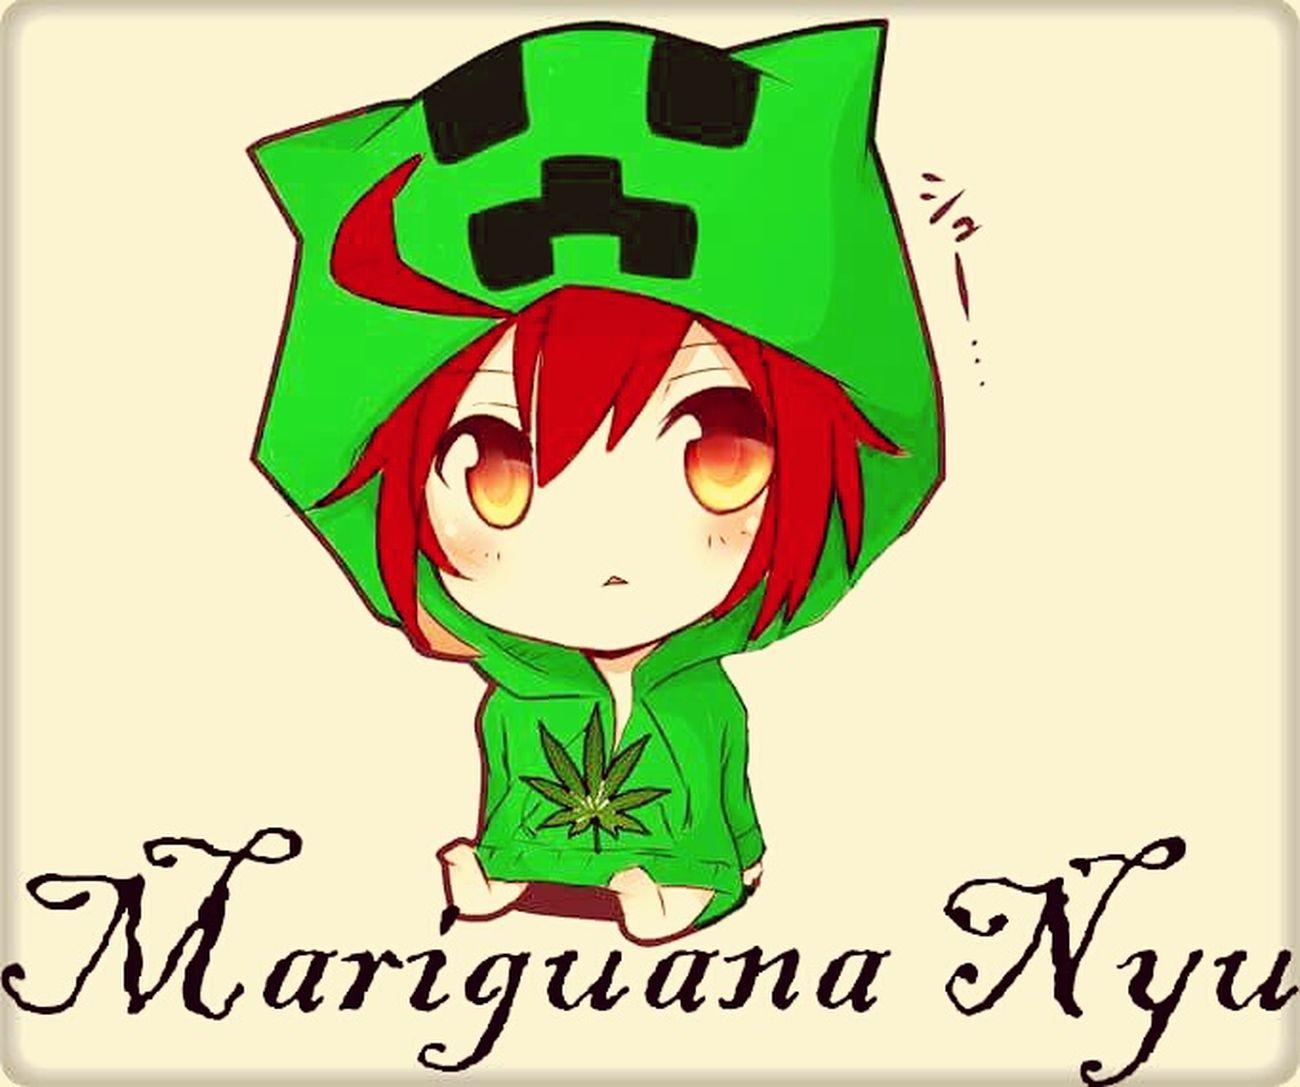 Nyu Marijuana Marihuana Mariguana